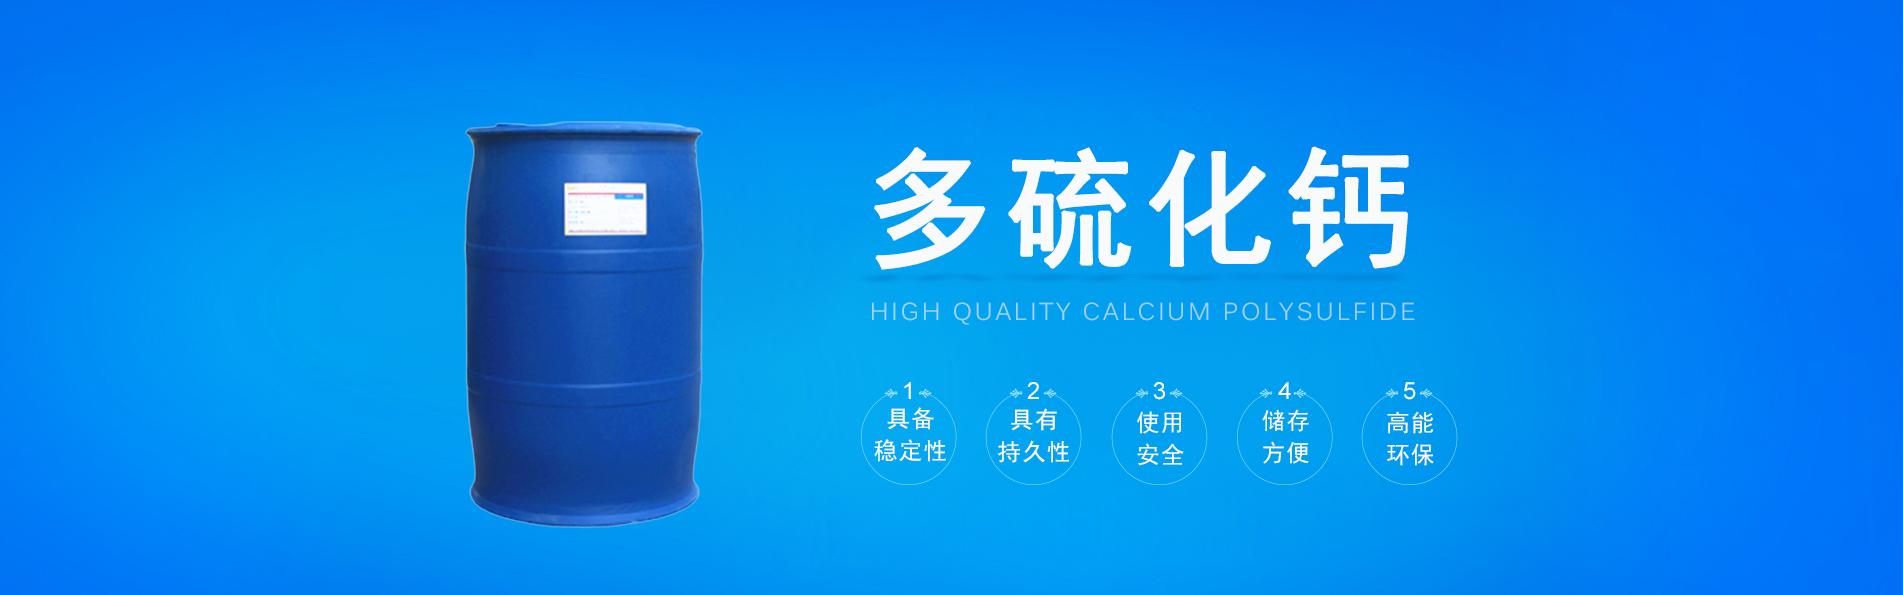 多硫化钙生产